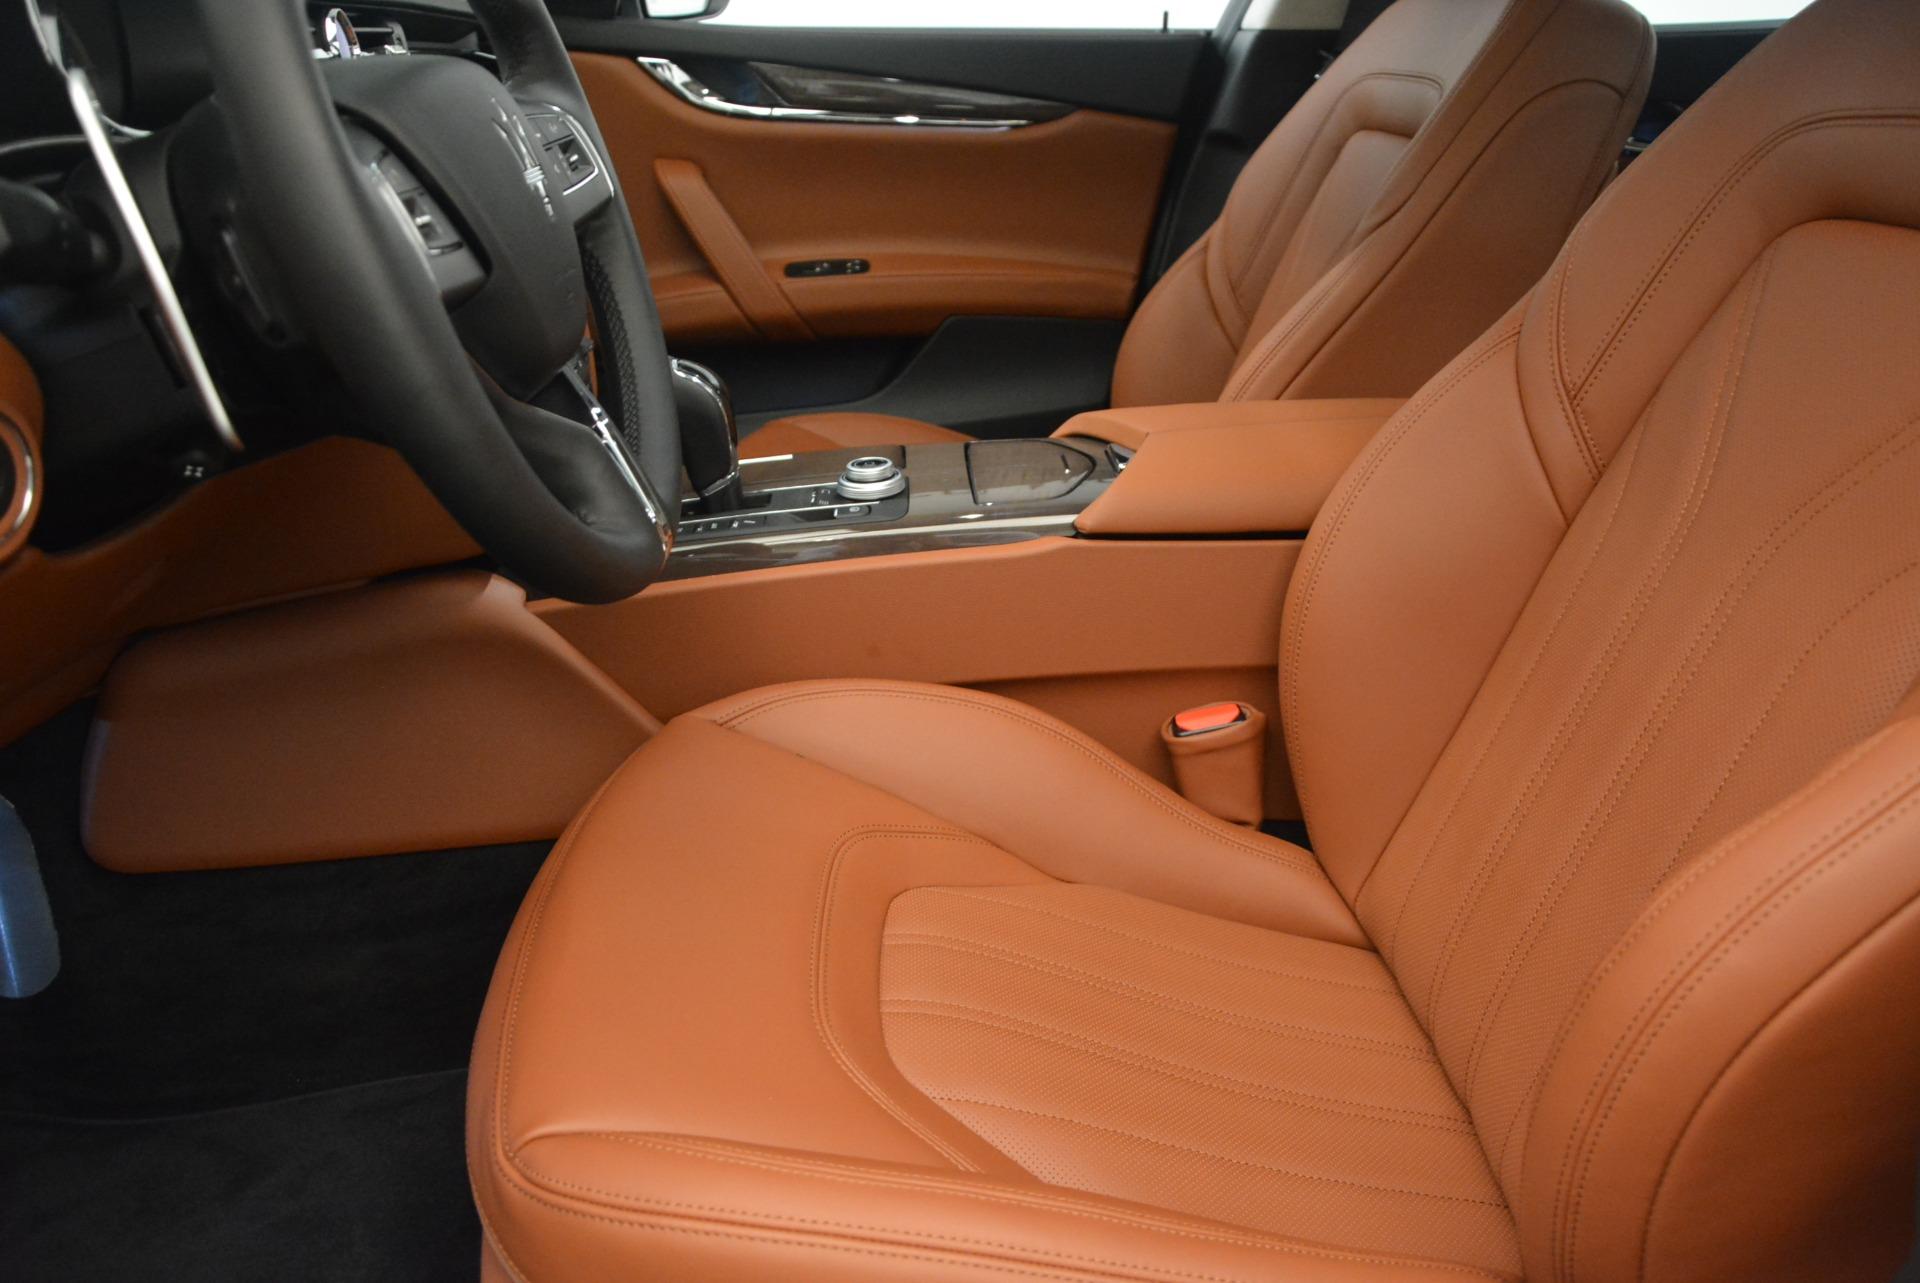 New 2019 Maserati Quattroporte S Q4 GranLusso For Sale In Greenwich, CT 2767_p13